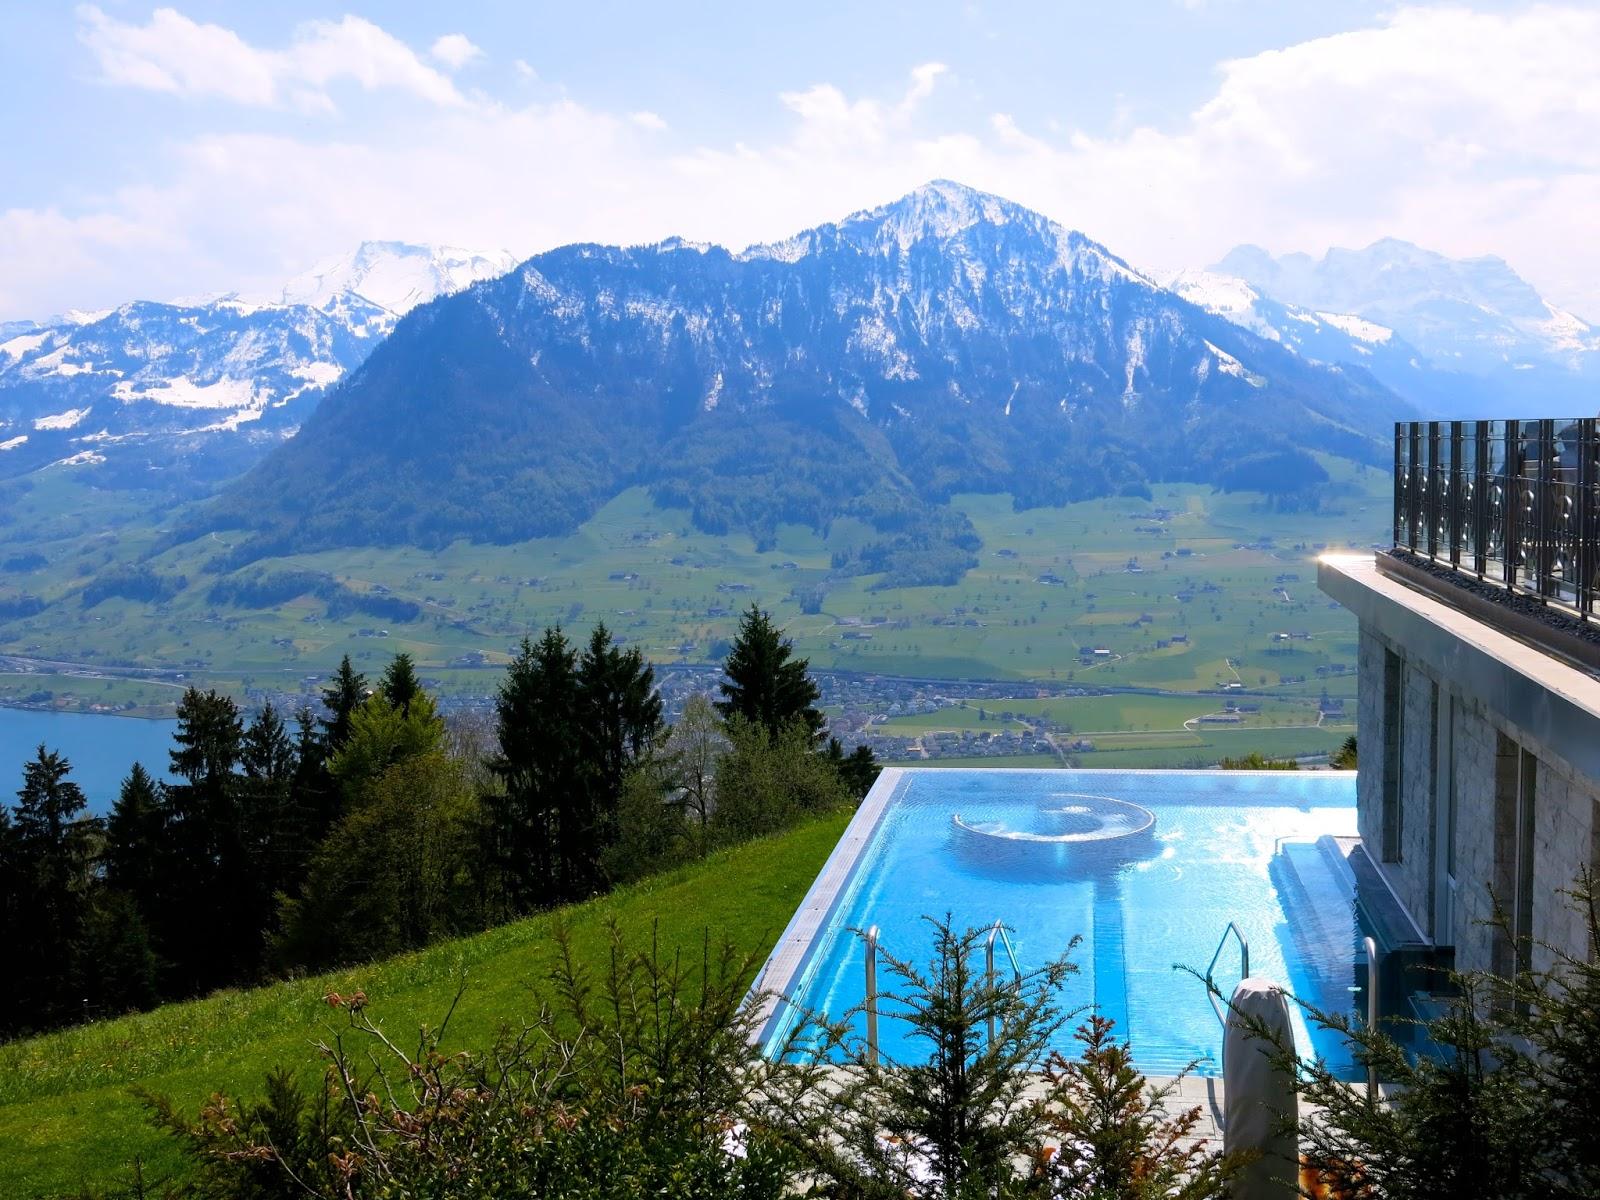 Hotel Villa Honegg concernant villa honegg, um sonho de hotel | viajar pelo mundo!